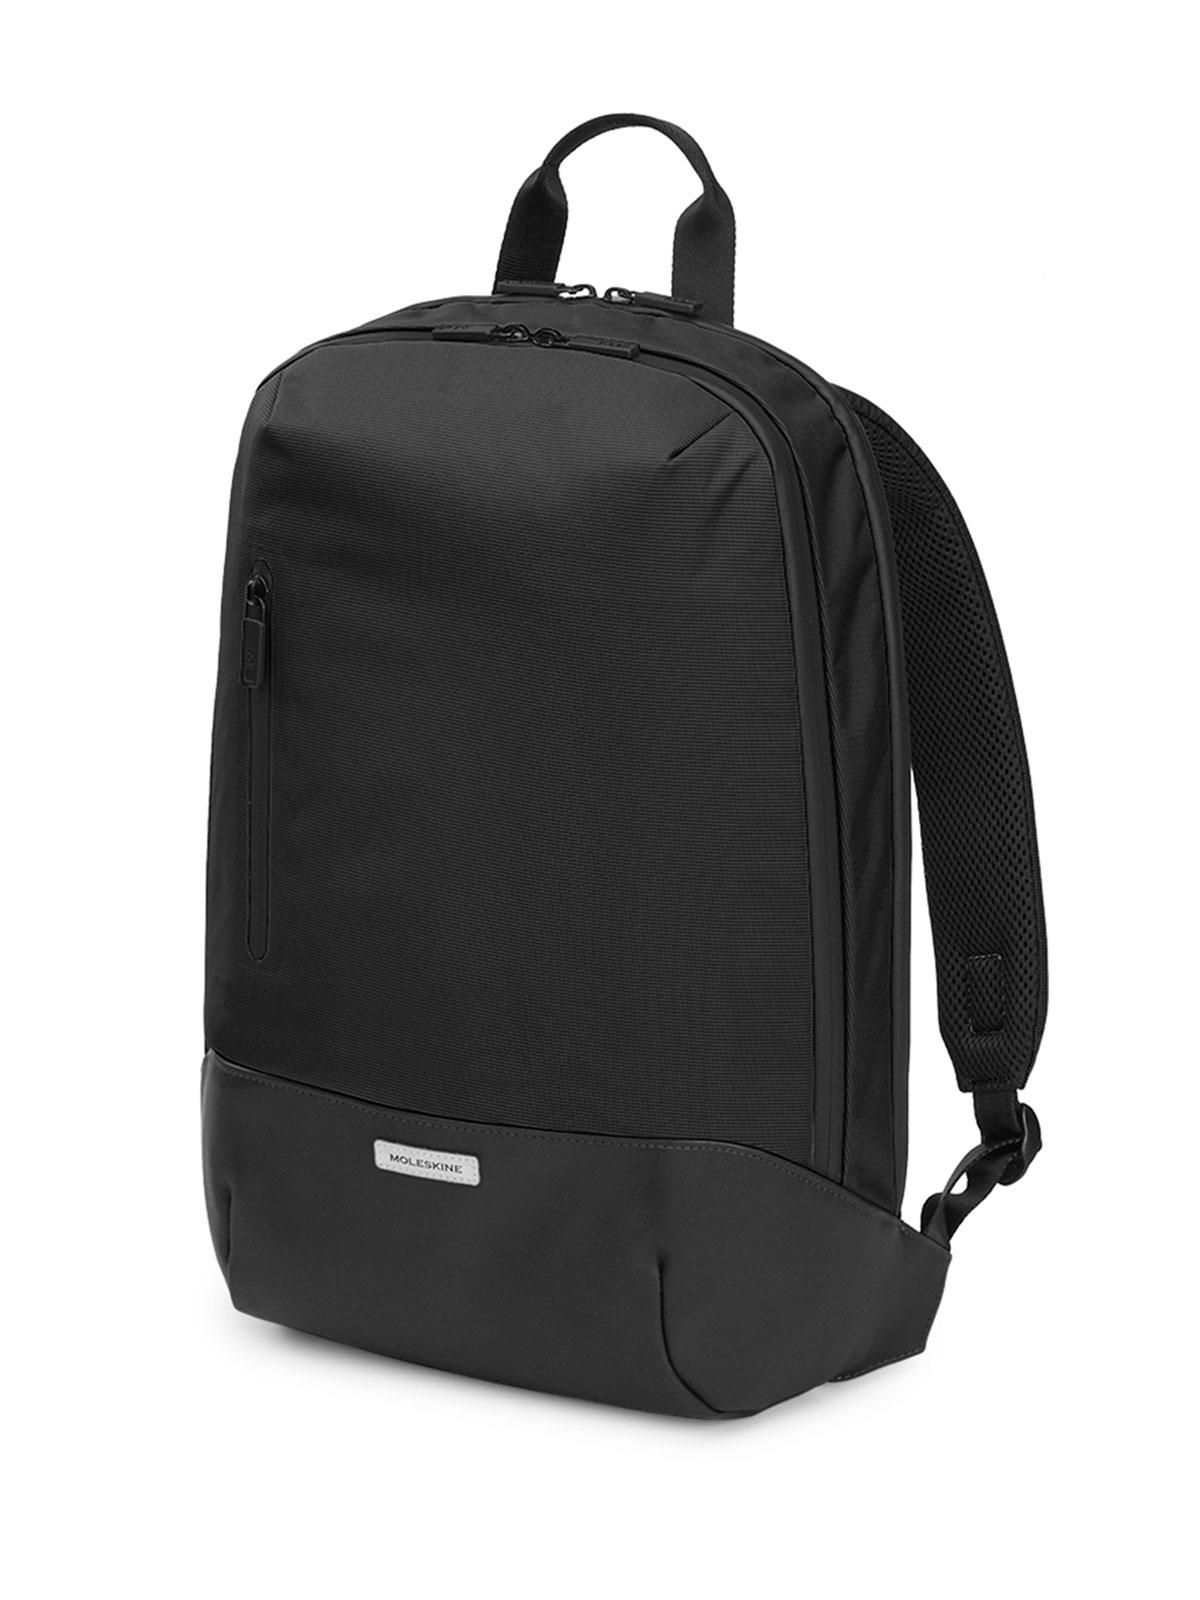 Immagine di Moleskine | Bag Metro Backpack